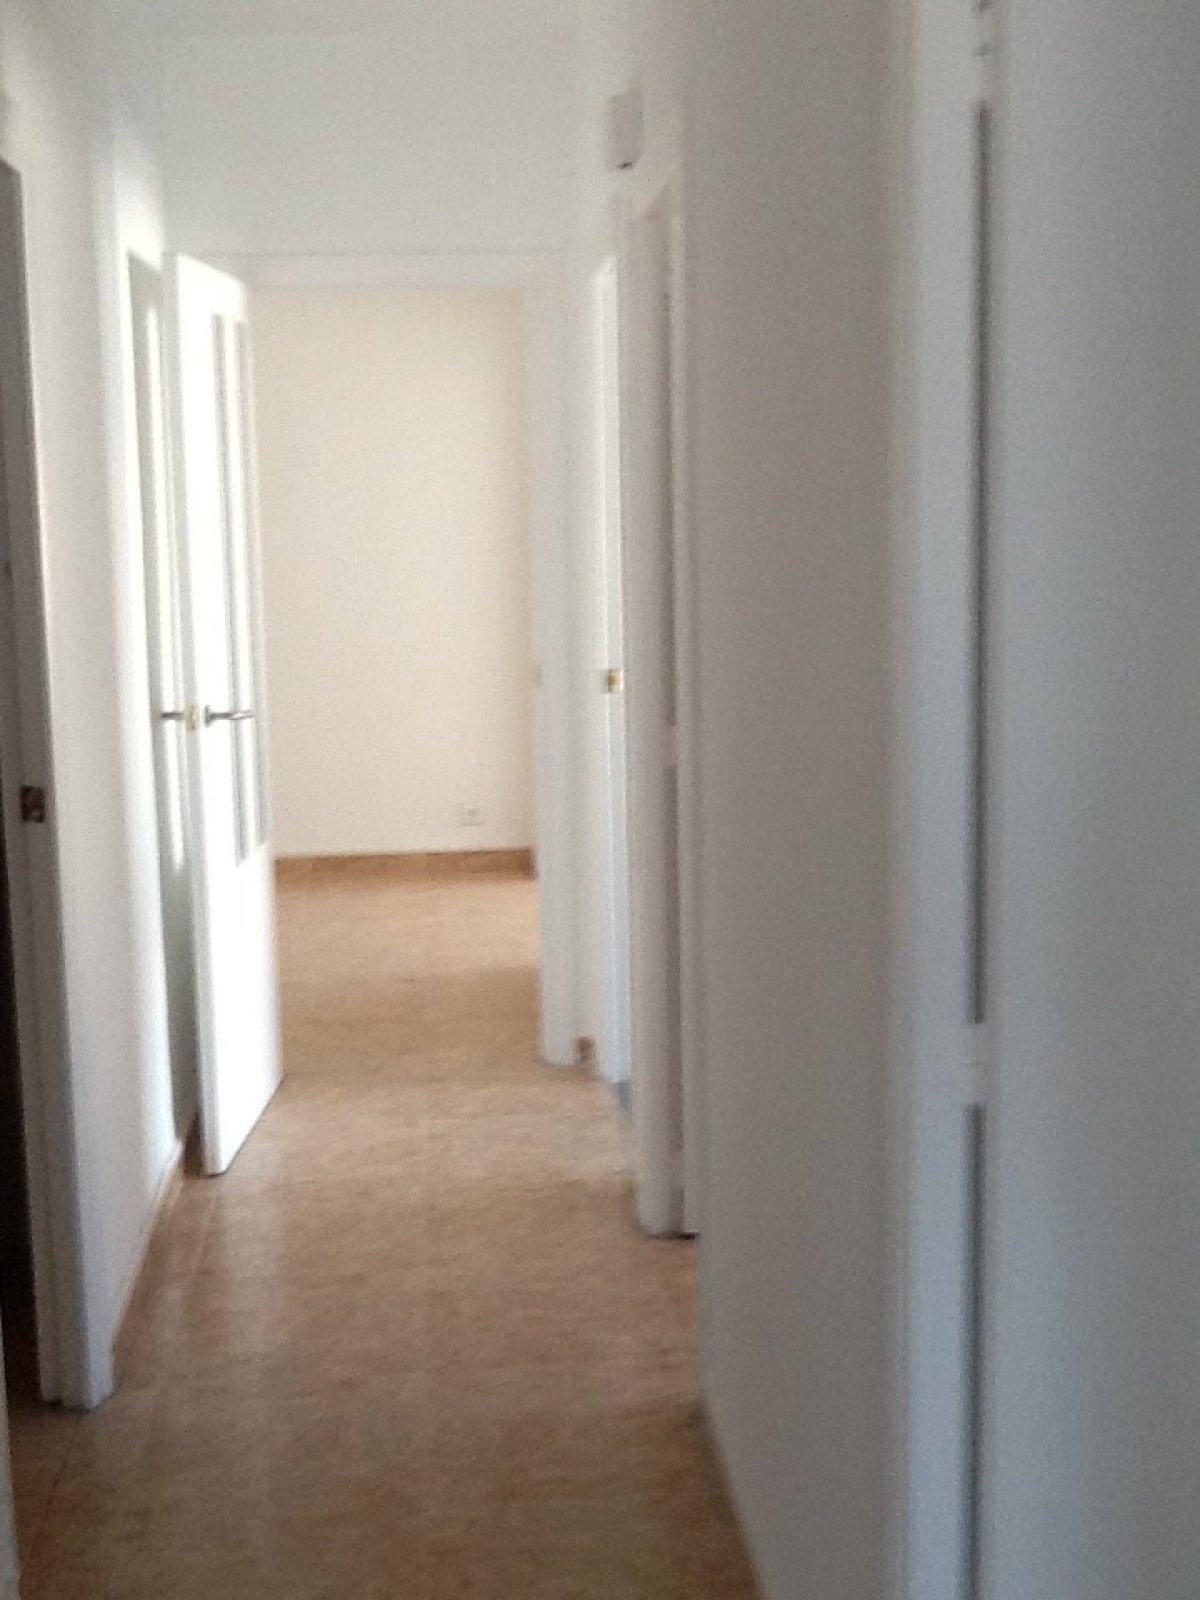 Alquiler de piso en valencia - imagenInmueble17